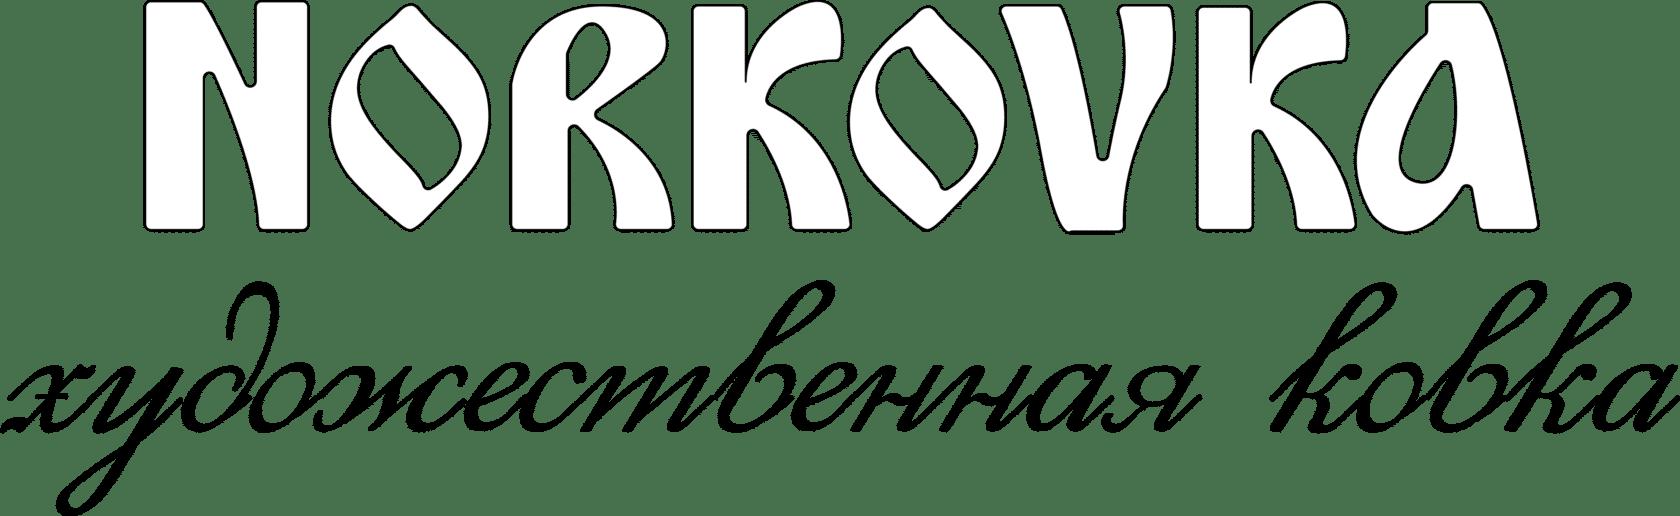 Кованые беседки Кованая беседка с крышей Арт. БЕ-004 Norkovka